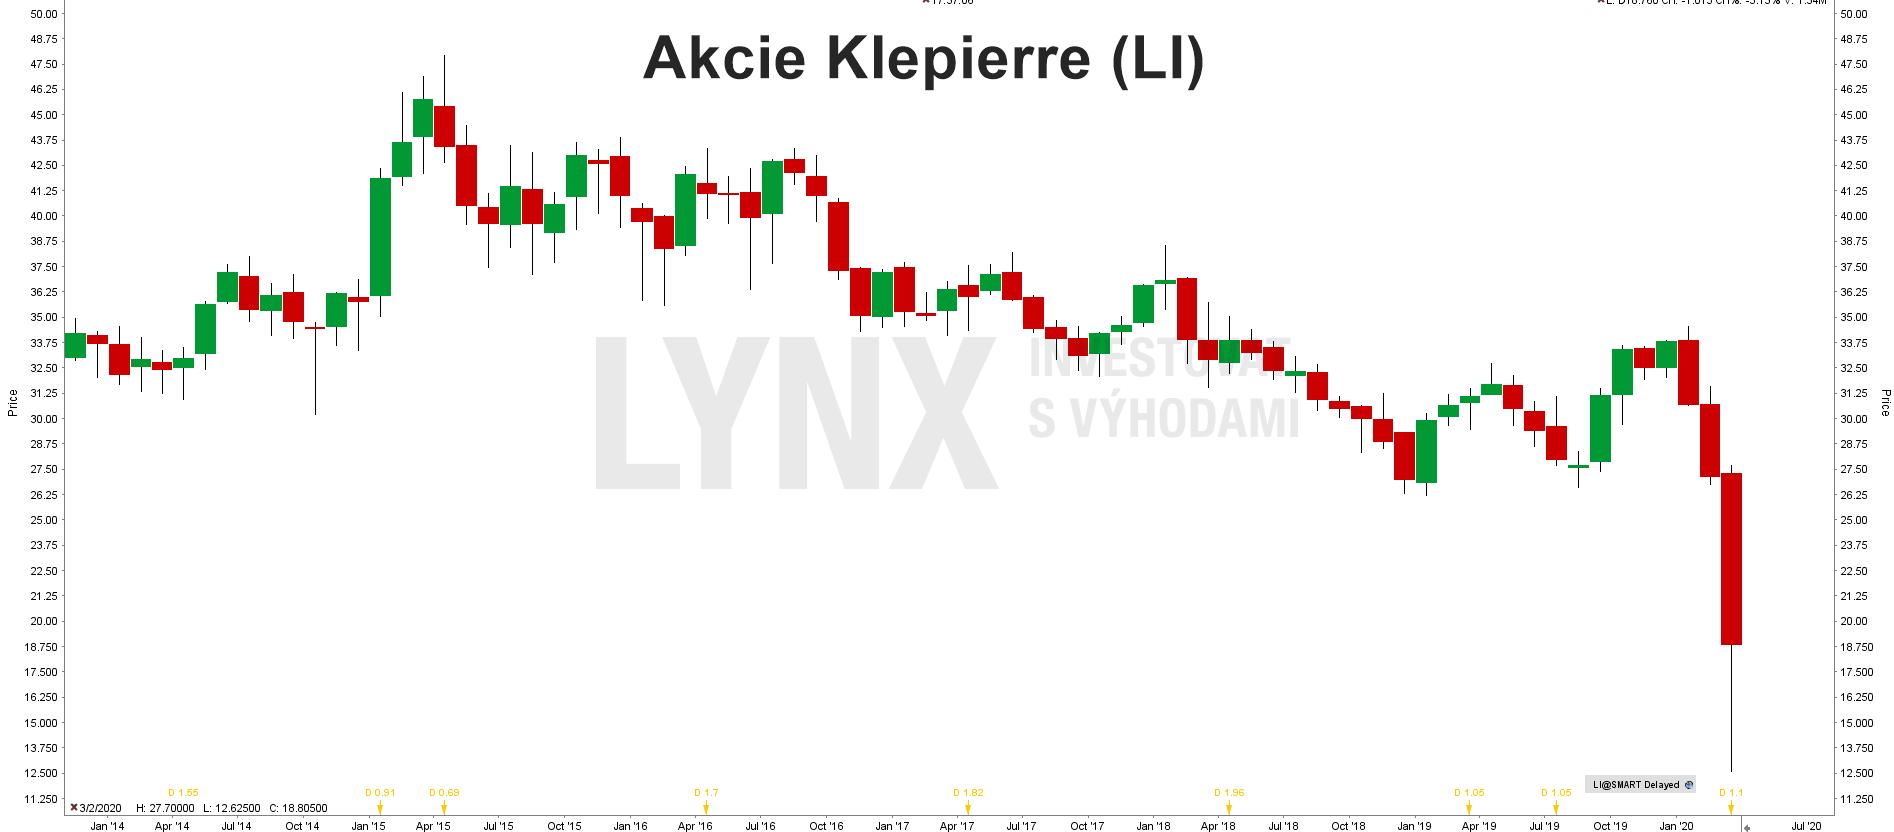 Akcie Klepierre (LI)